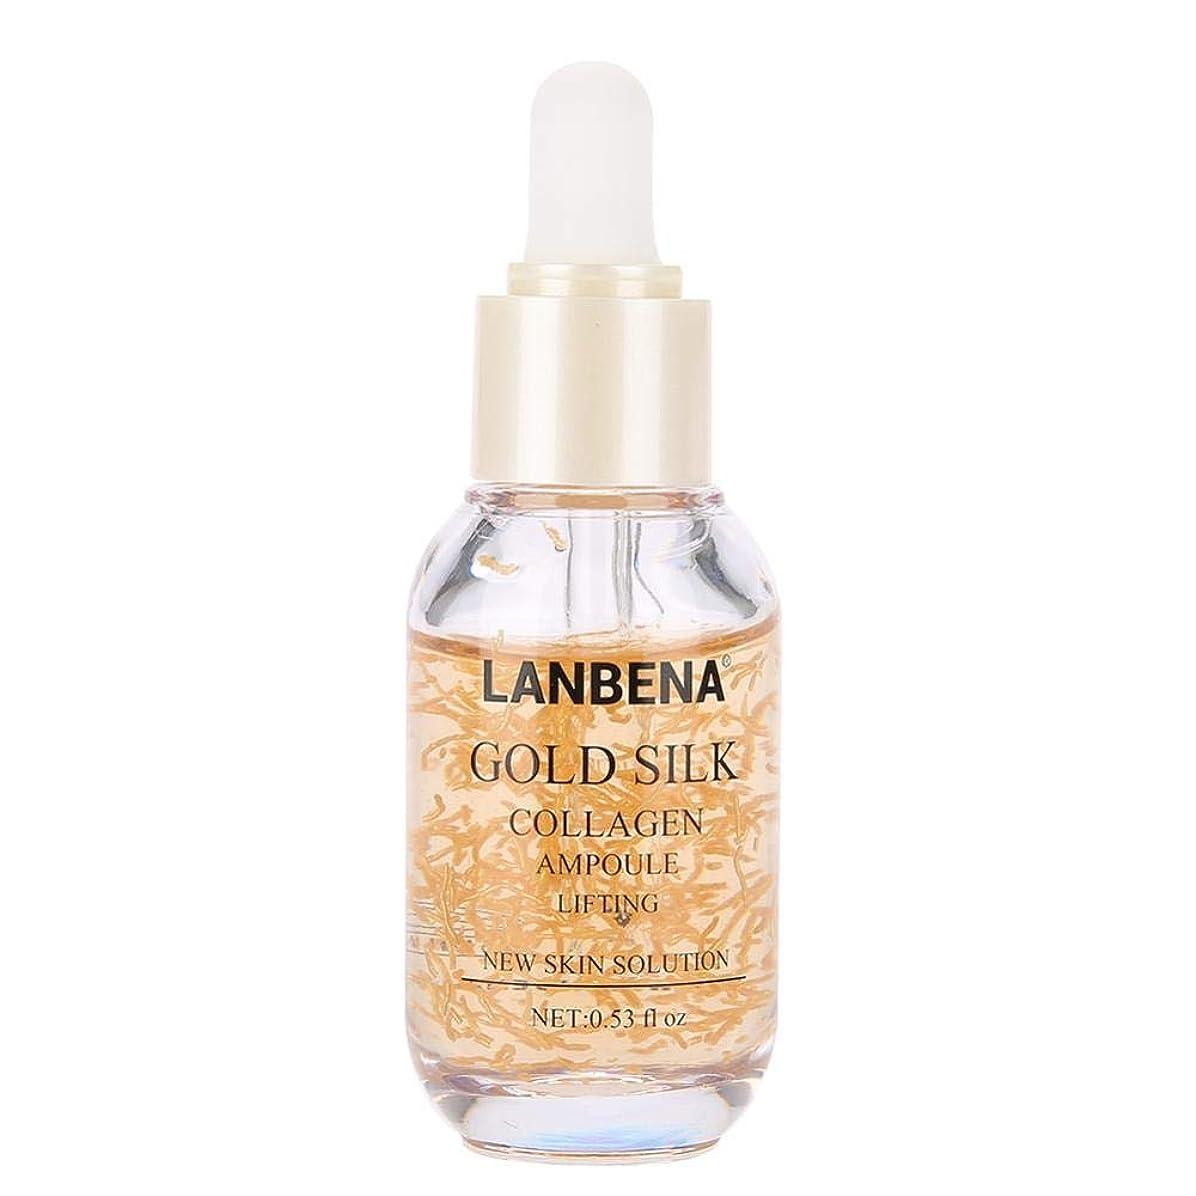 組立同じなめるコラーゲンフェイシャルエッセンス、肌への潤い 修理 保湿 引き締め 肌の輝き ユニセックス スキンケア製品